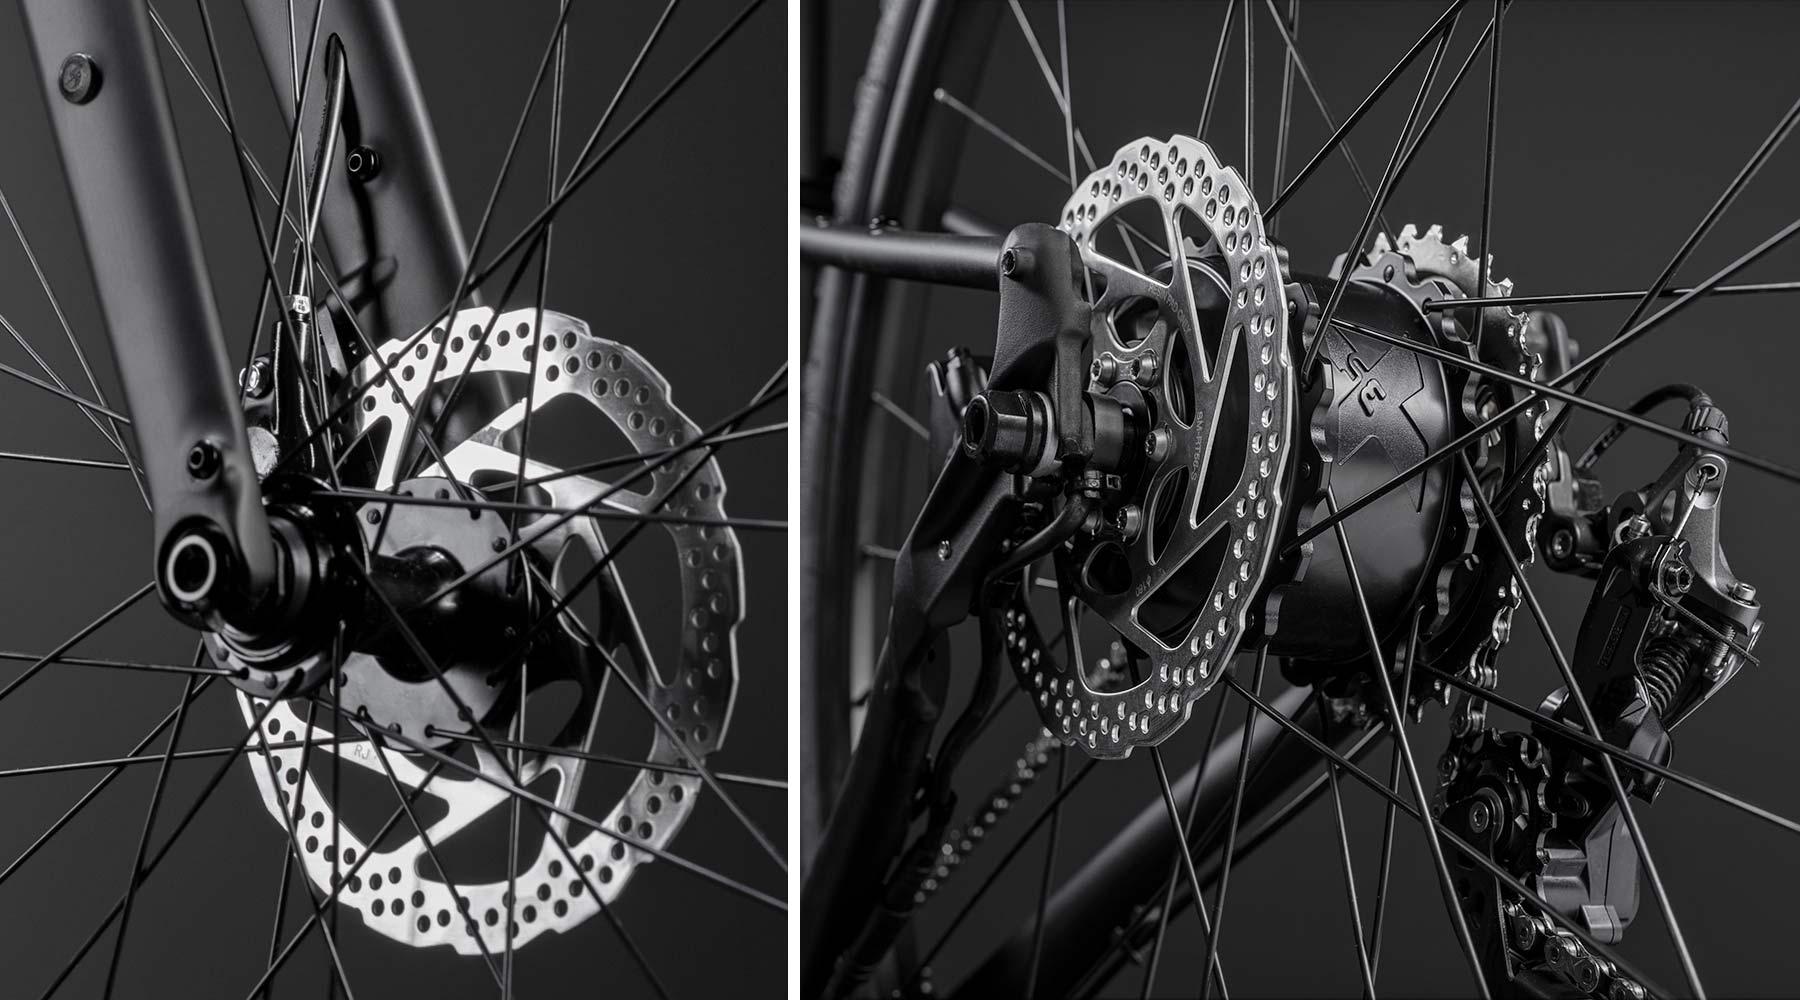 GT Grade Power lightweight, affordable alloy gravel e-bike, Mahle ebikemotion details